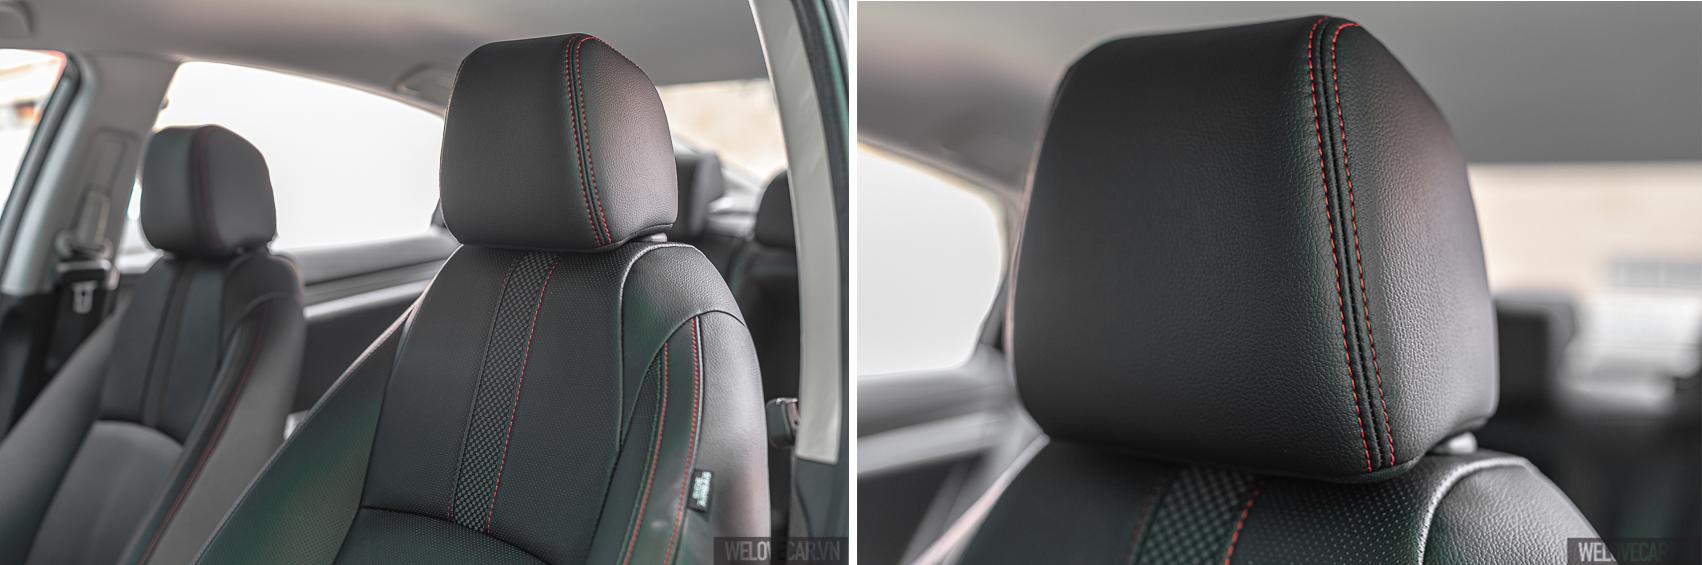 Những trải nghiệm mới Honda Civic RS: mạnh mẽ, đam mê và đầy khác biệt - 22